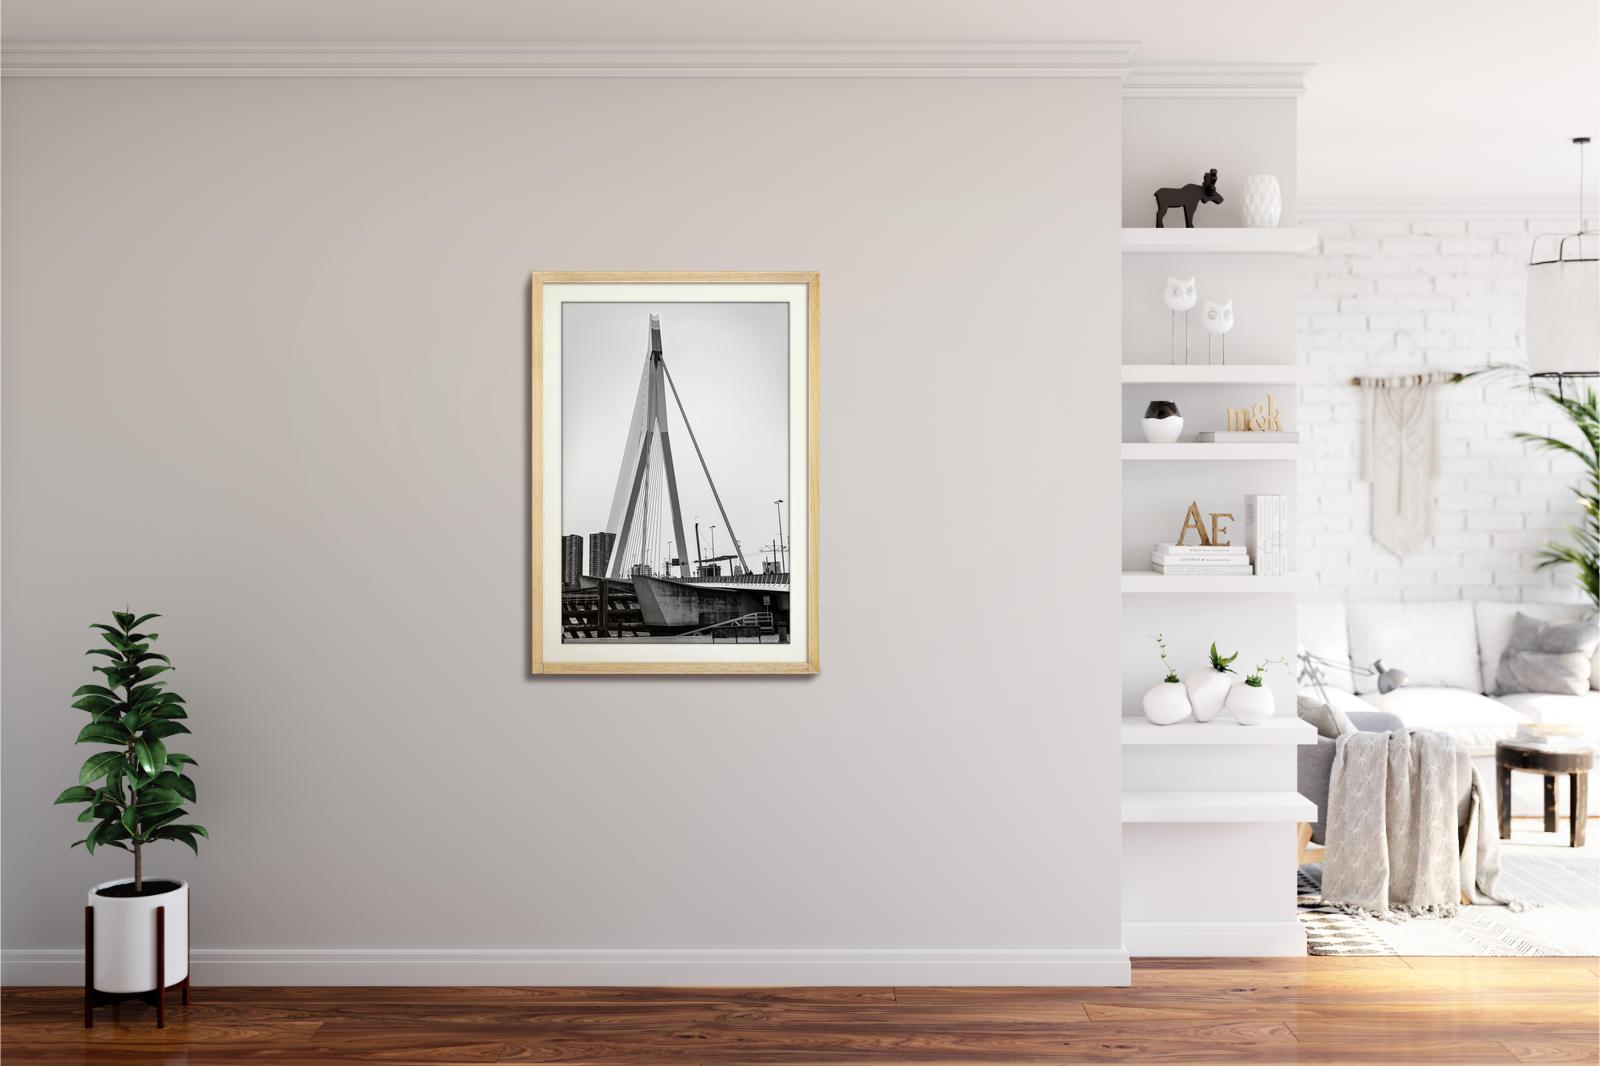 Großaufnahme der Erasmusbrücke in Rotterdam in schwarz-weiss als nachhaltiger Kunstdruck in Naturholz Rahmen in 60x90cm von Stephan Böhm